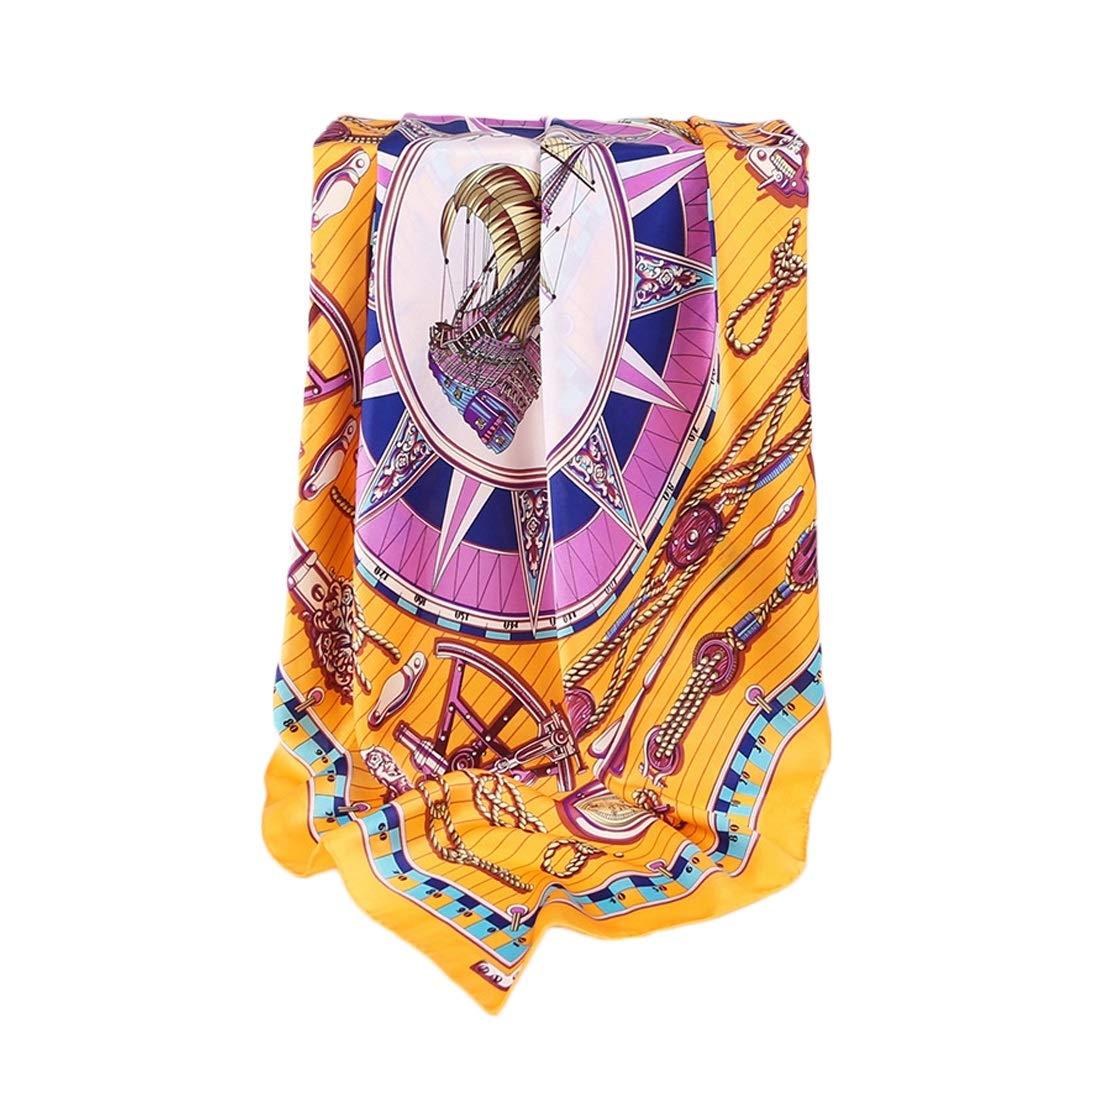 WEATLY Bufandas de Mujer Primavera Verano Viaje cómodo Toalla de Playa Amarilla (Color : Orange, Size : 86x86CM): Amazon.es: Hogar